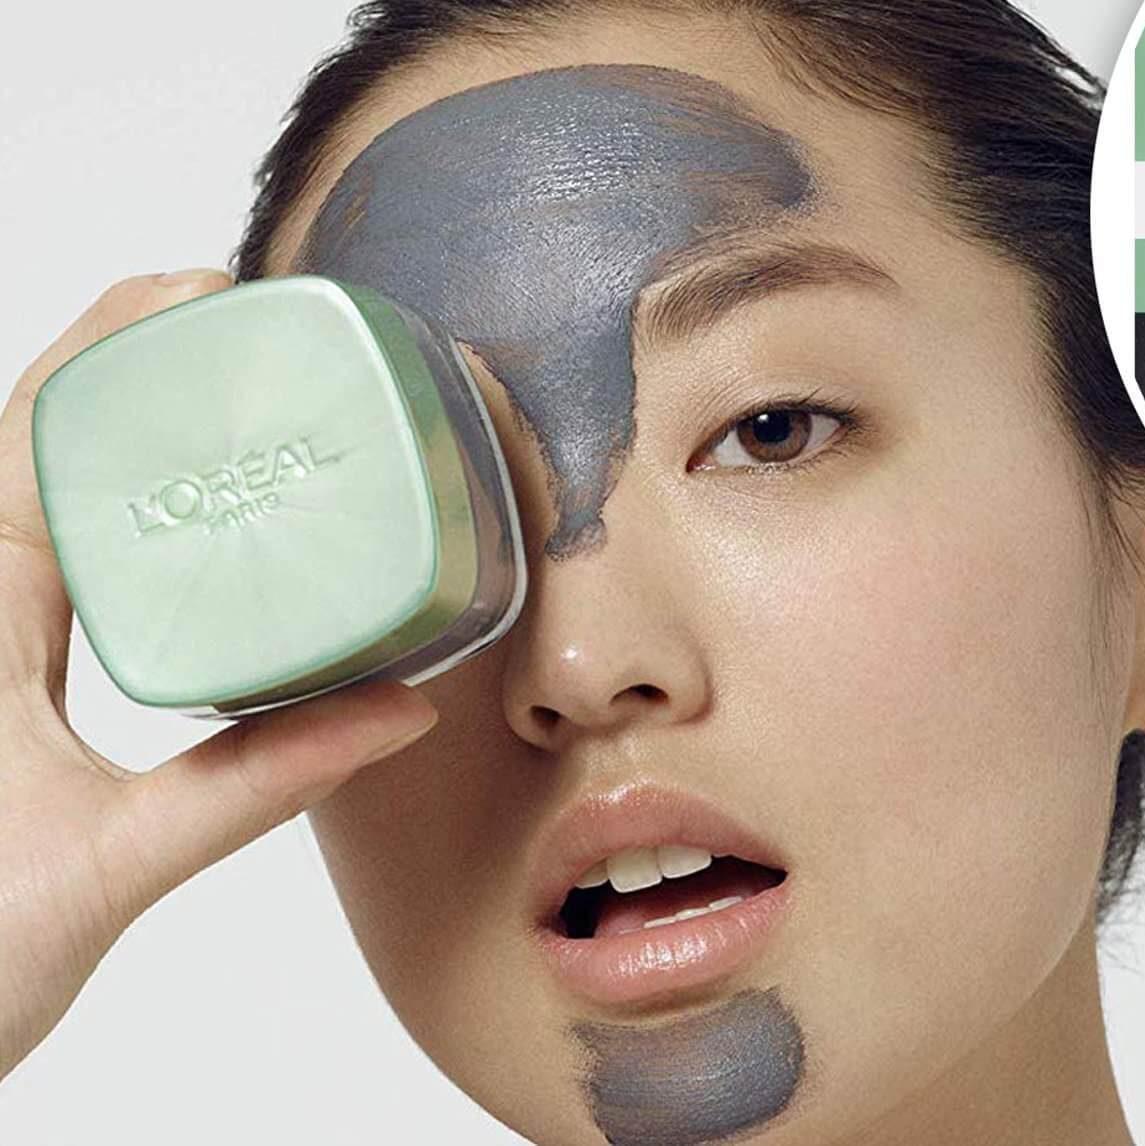 L'Oreal Paris Pure Clay Detox Mask